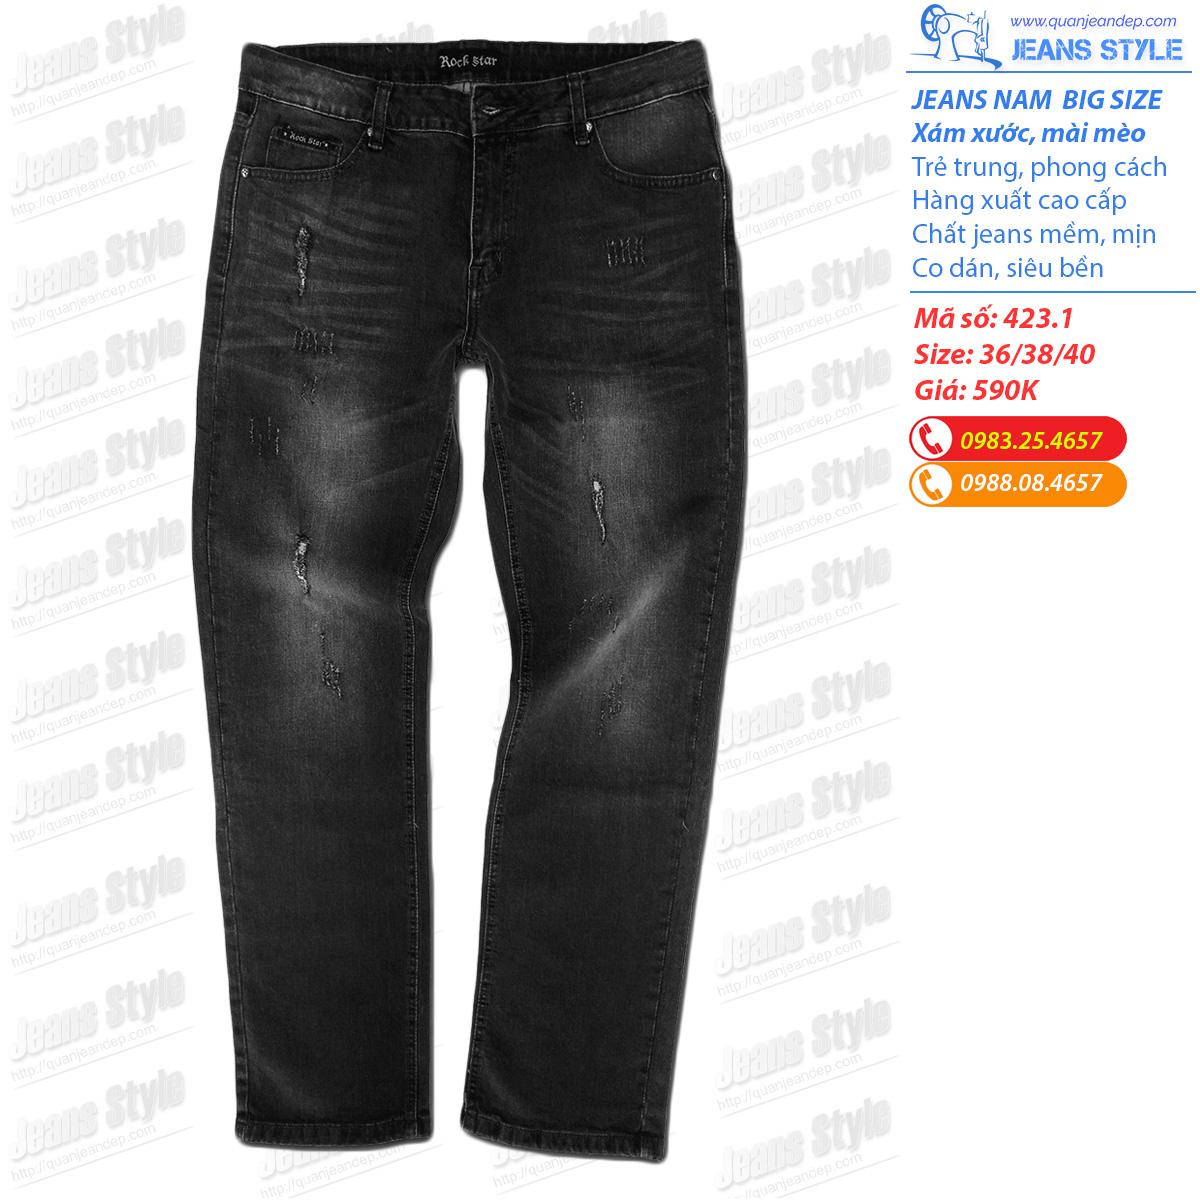 Quần jeans nam big size xuất khẩu siêu đẹp 423.1 Giá:590.000,00 ₫